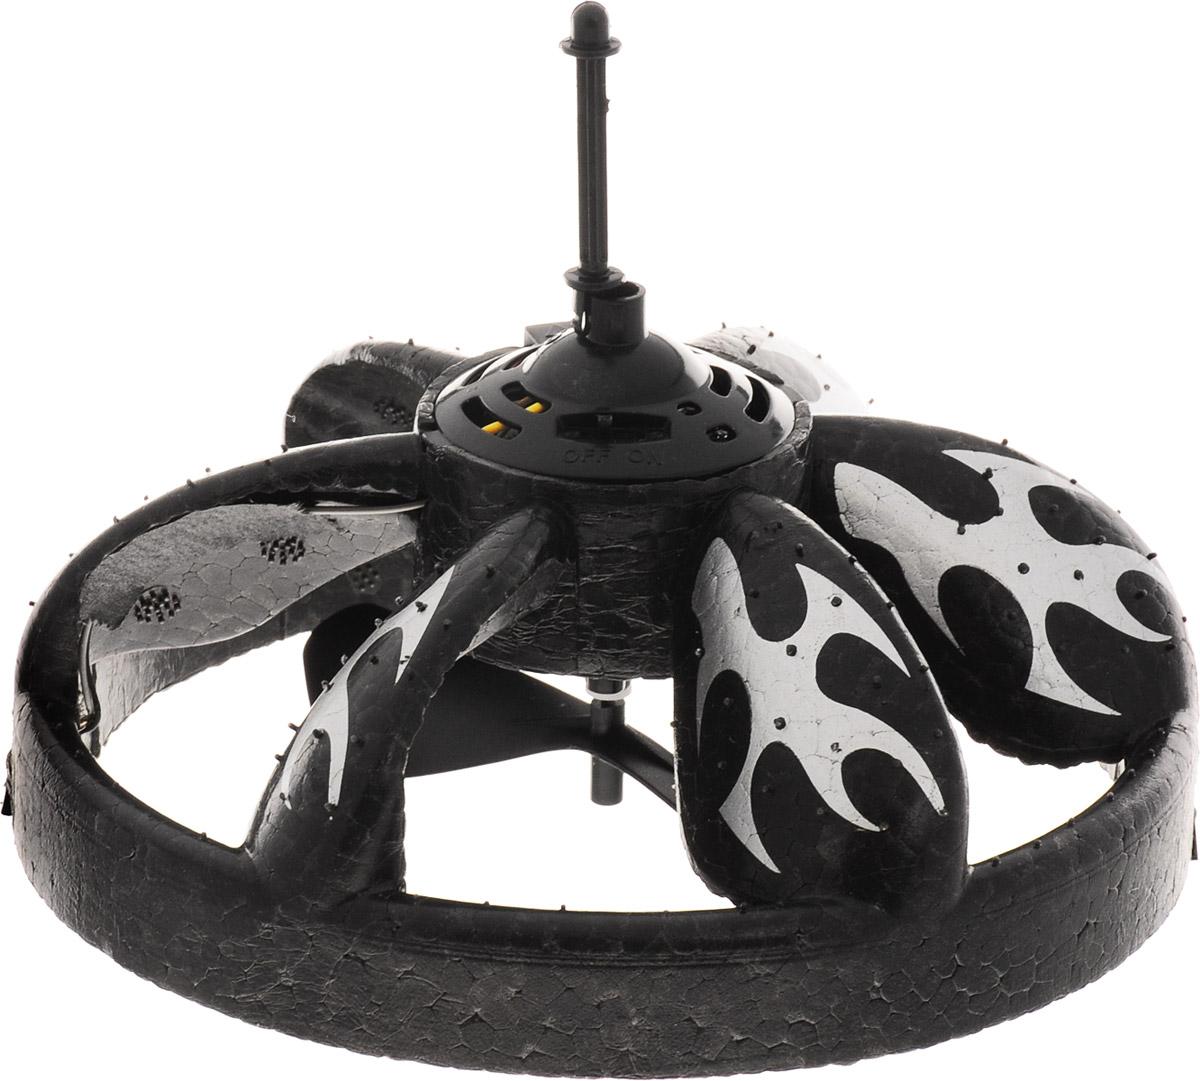 S+S Toys Летающая тарелка Плазмодиум на инфракрасном управлении цвет черный серебристый - Радиоуправляемые игрушки